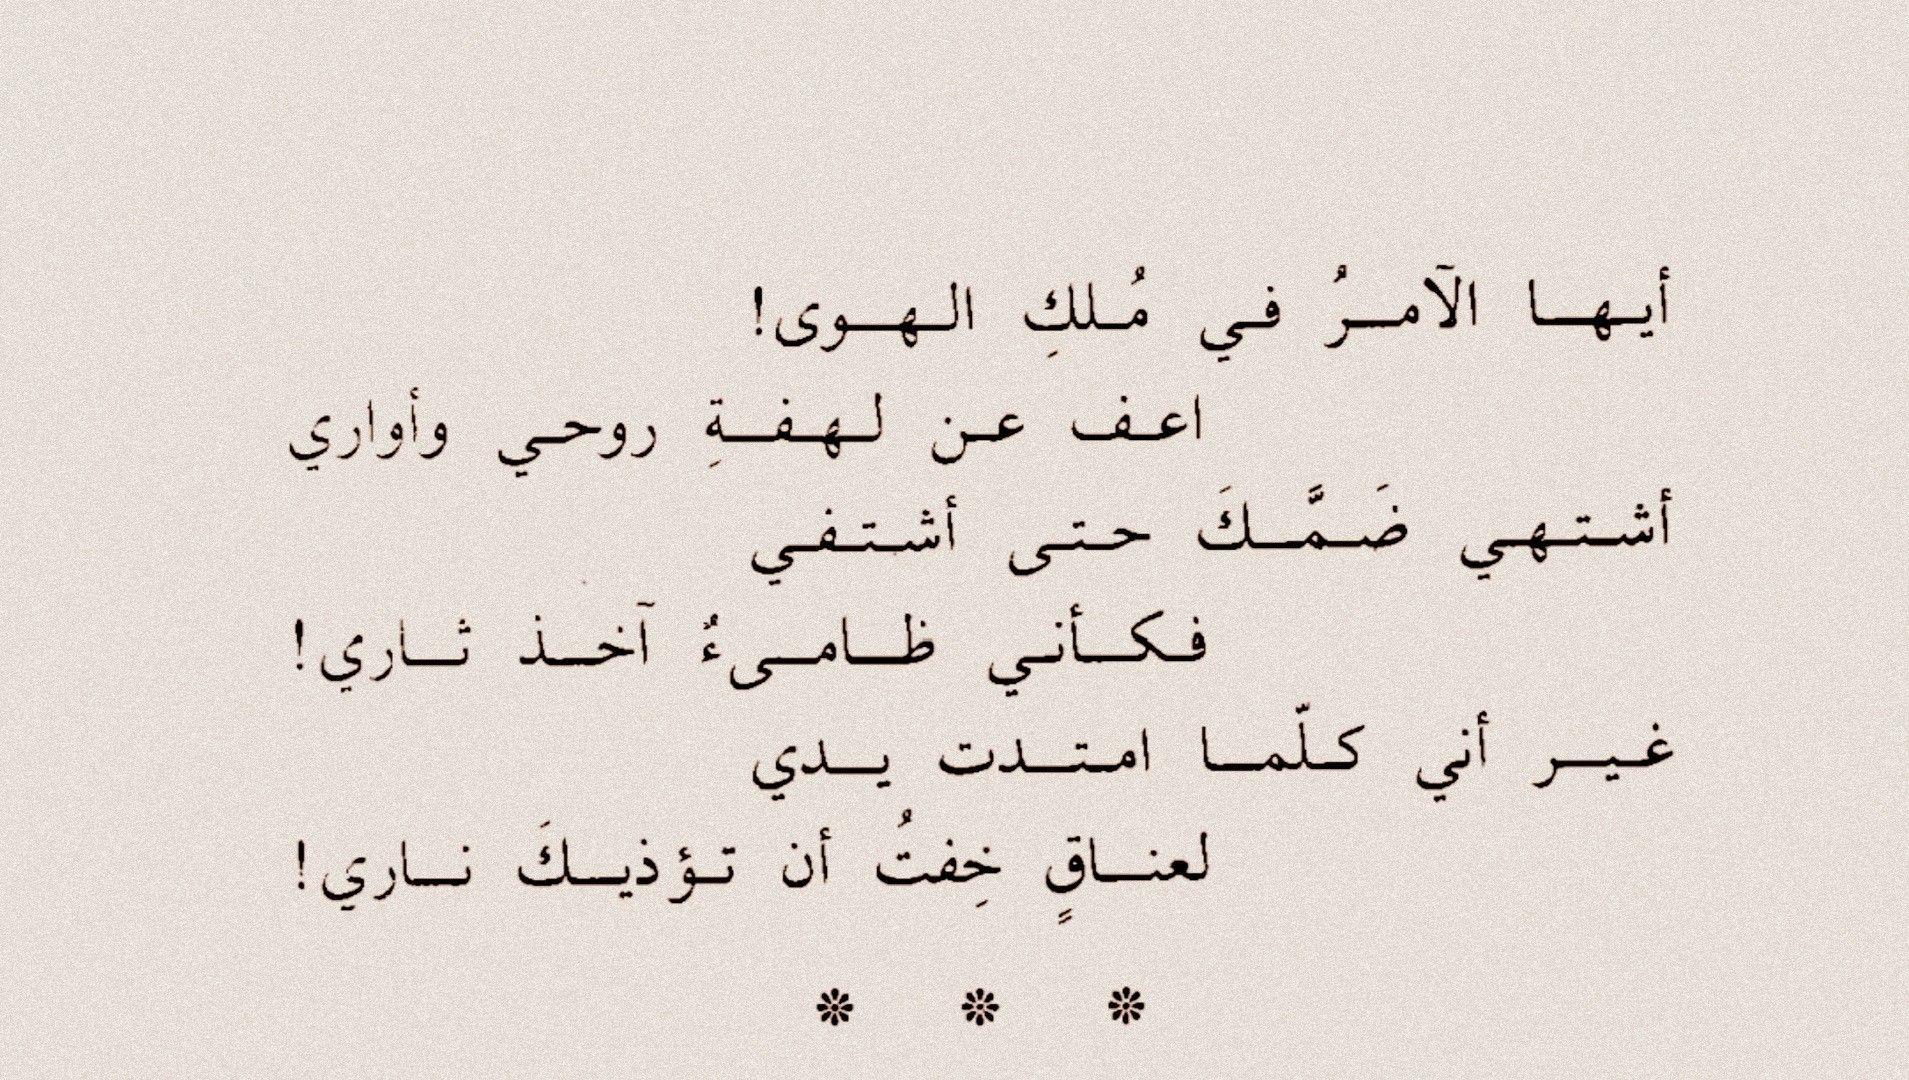 د يوان إبراه يم ناجي Arabic Poetry Arabic Books Books